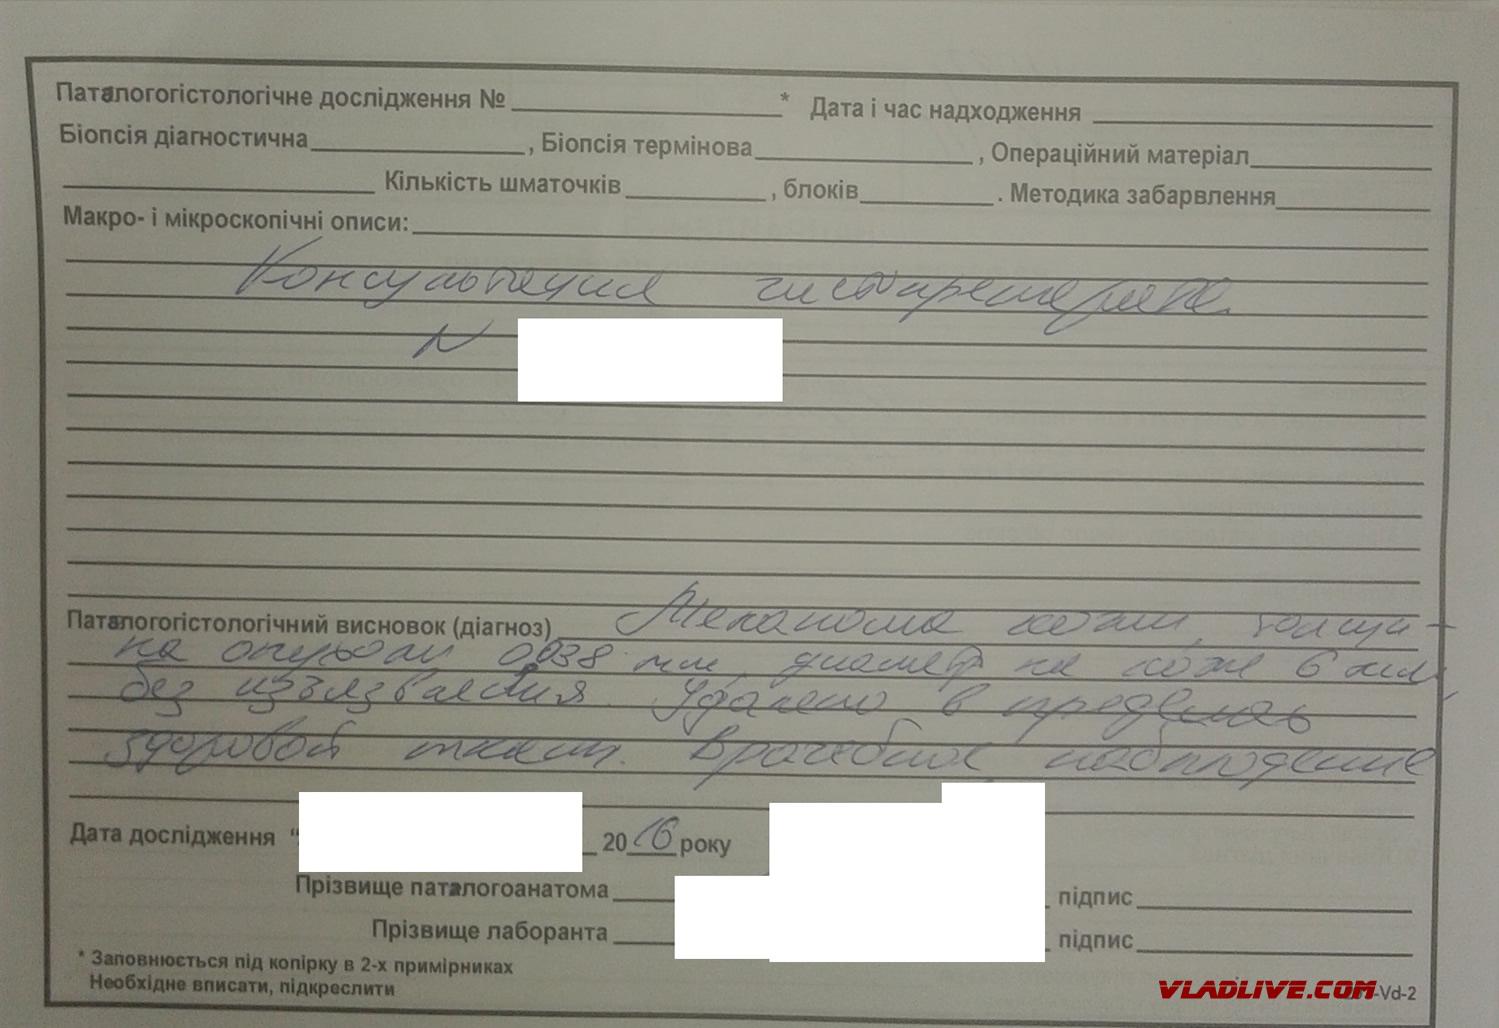 Меланома. Украина. Пересмотр гистологии